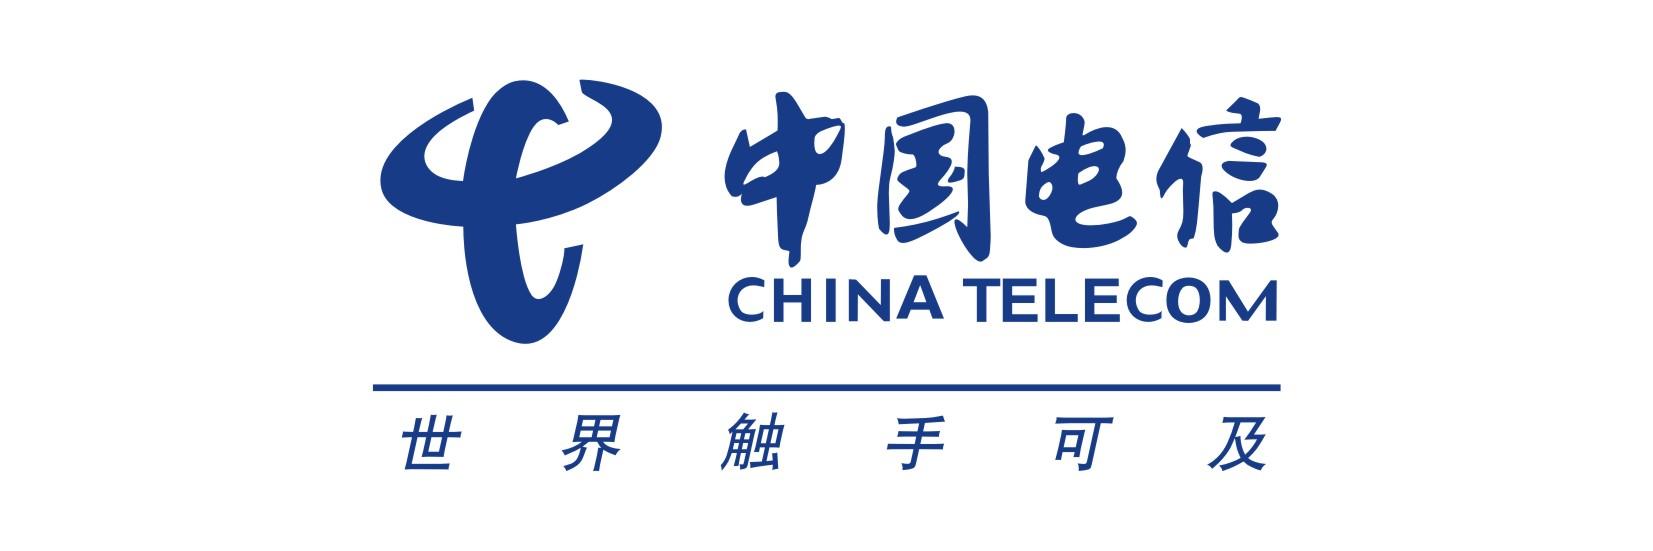 2016中国电信集团公司企业上海招聘